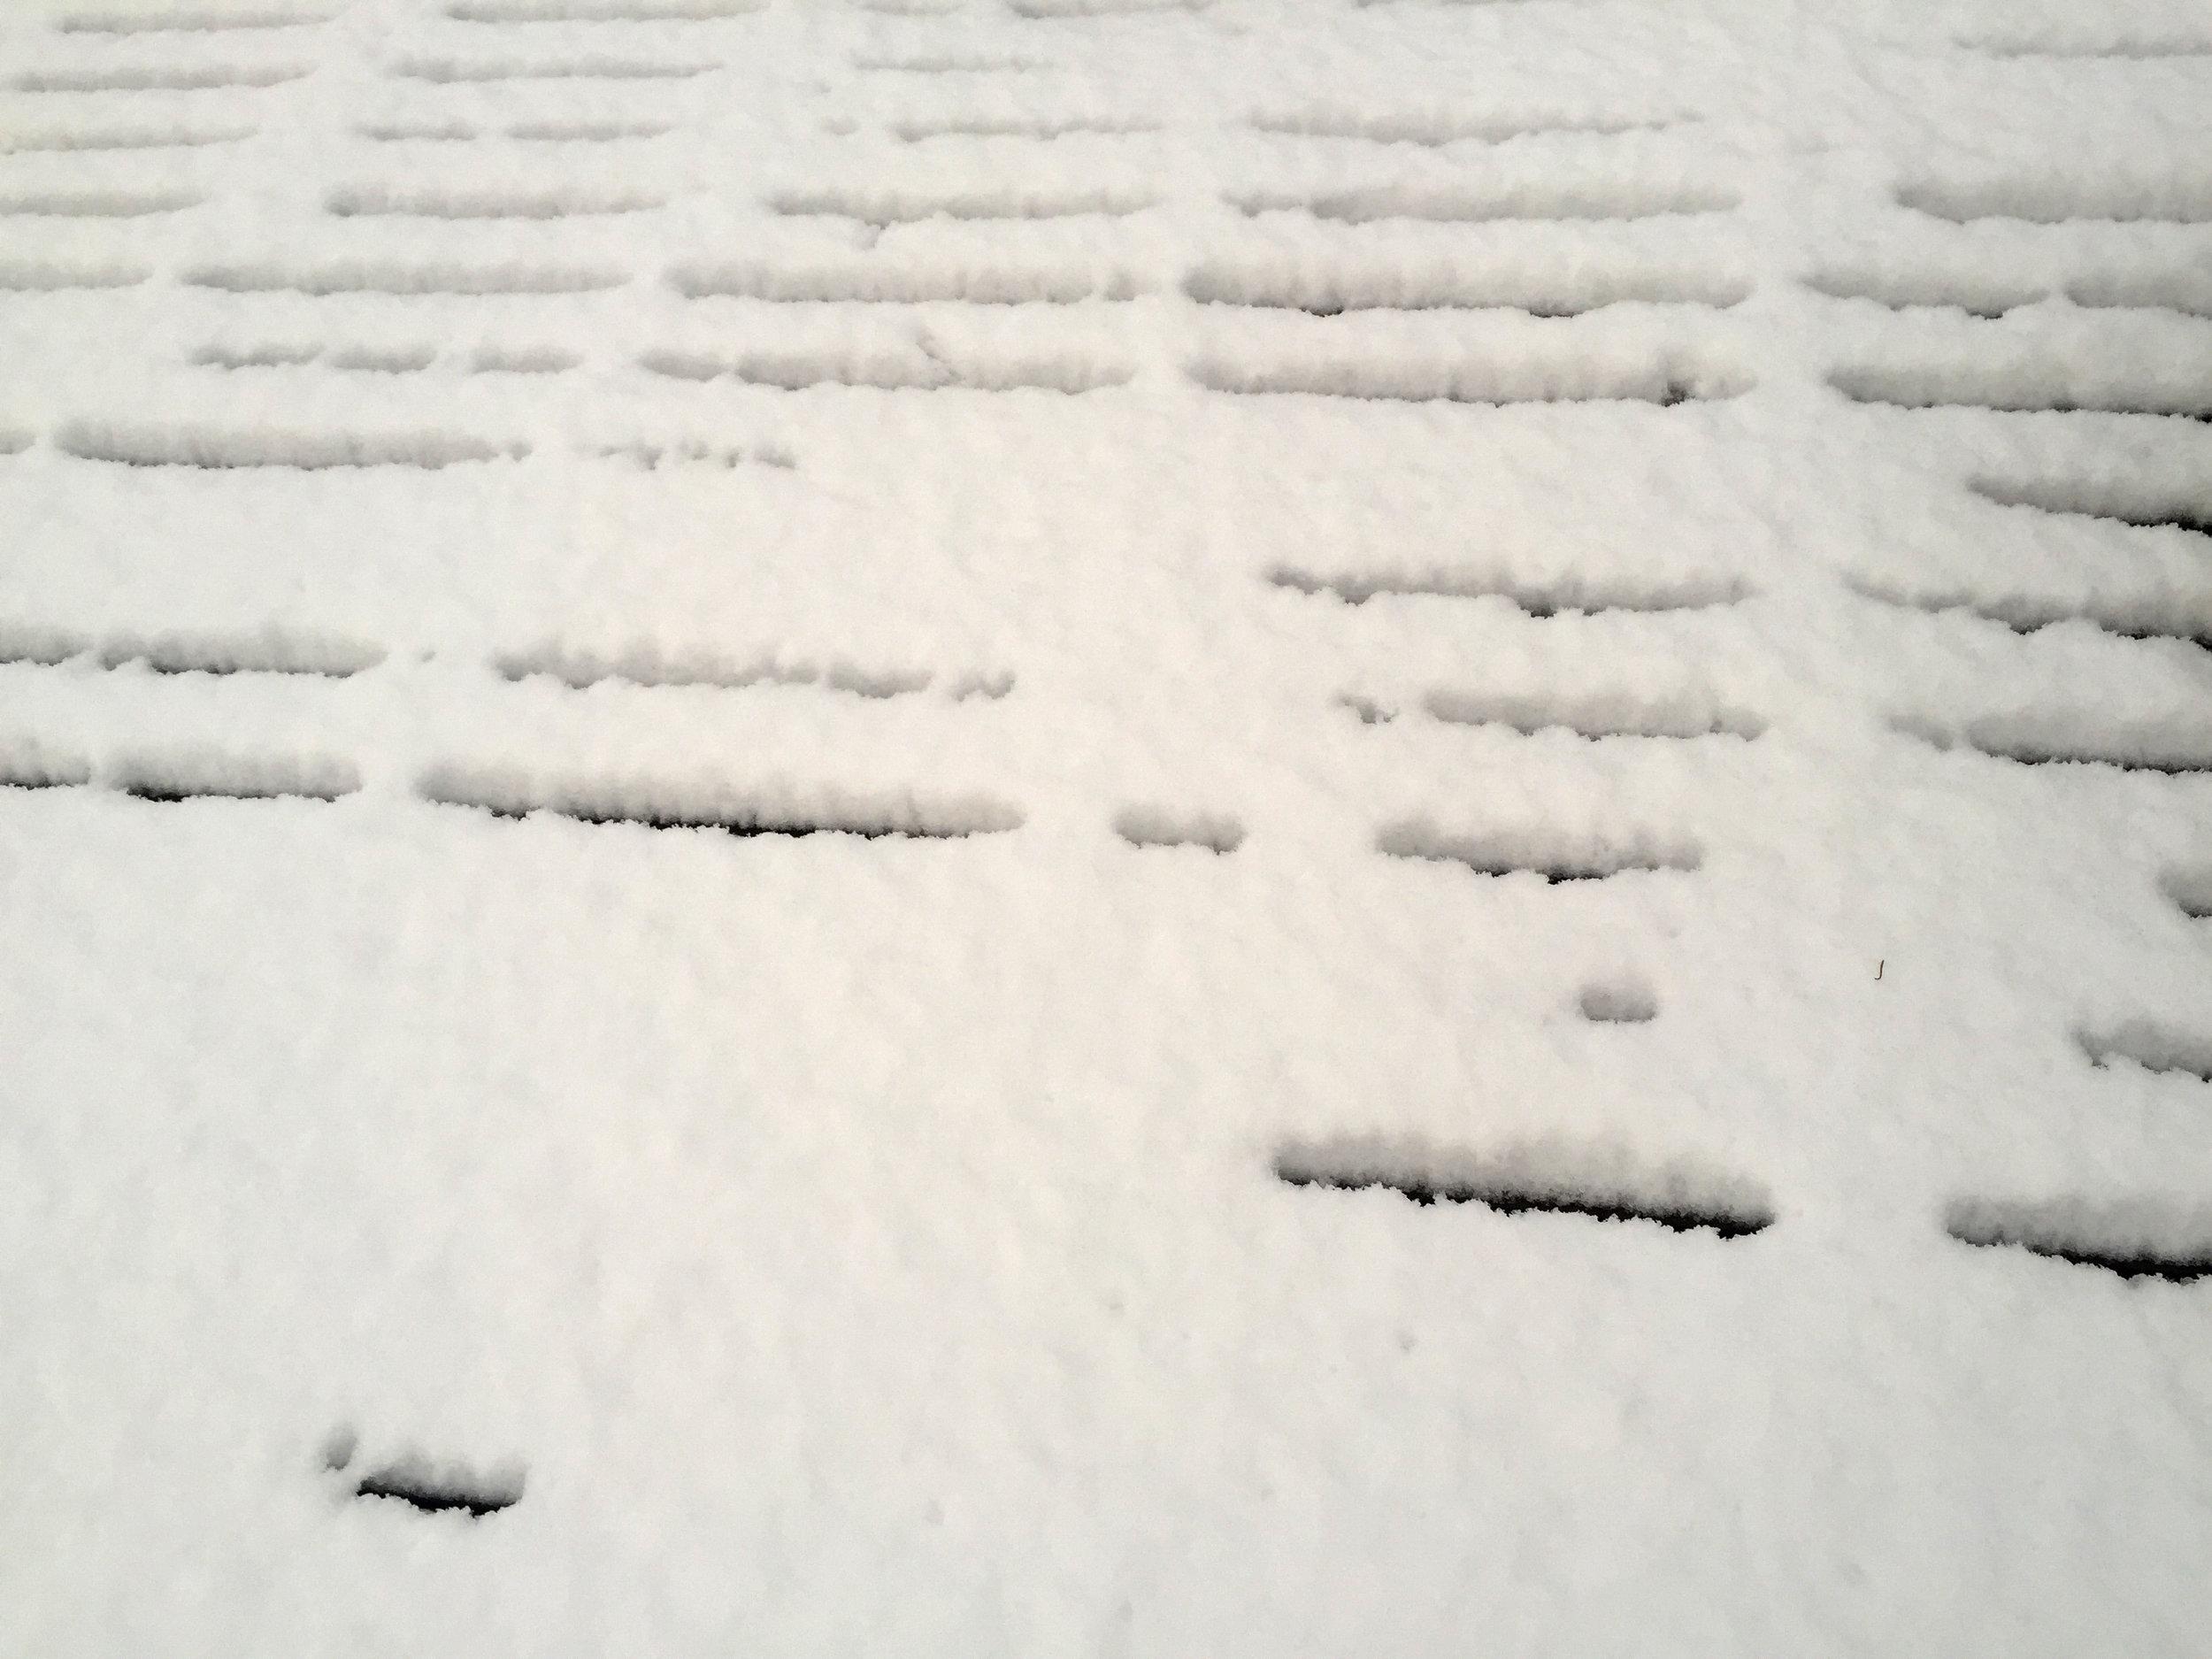 Snow_score.jpg